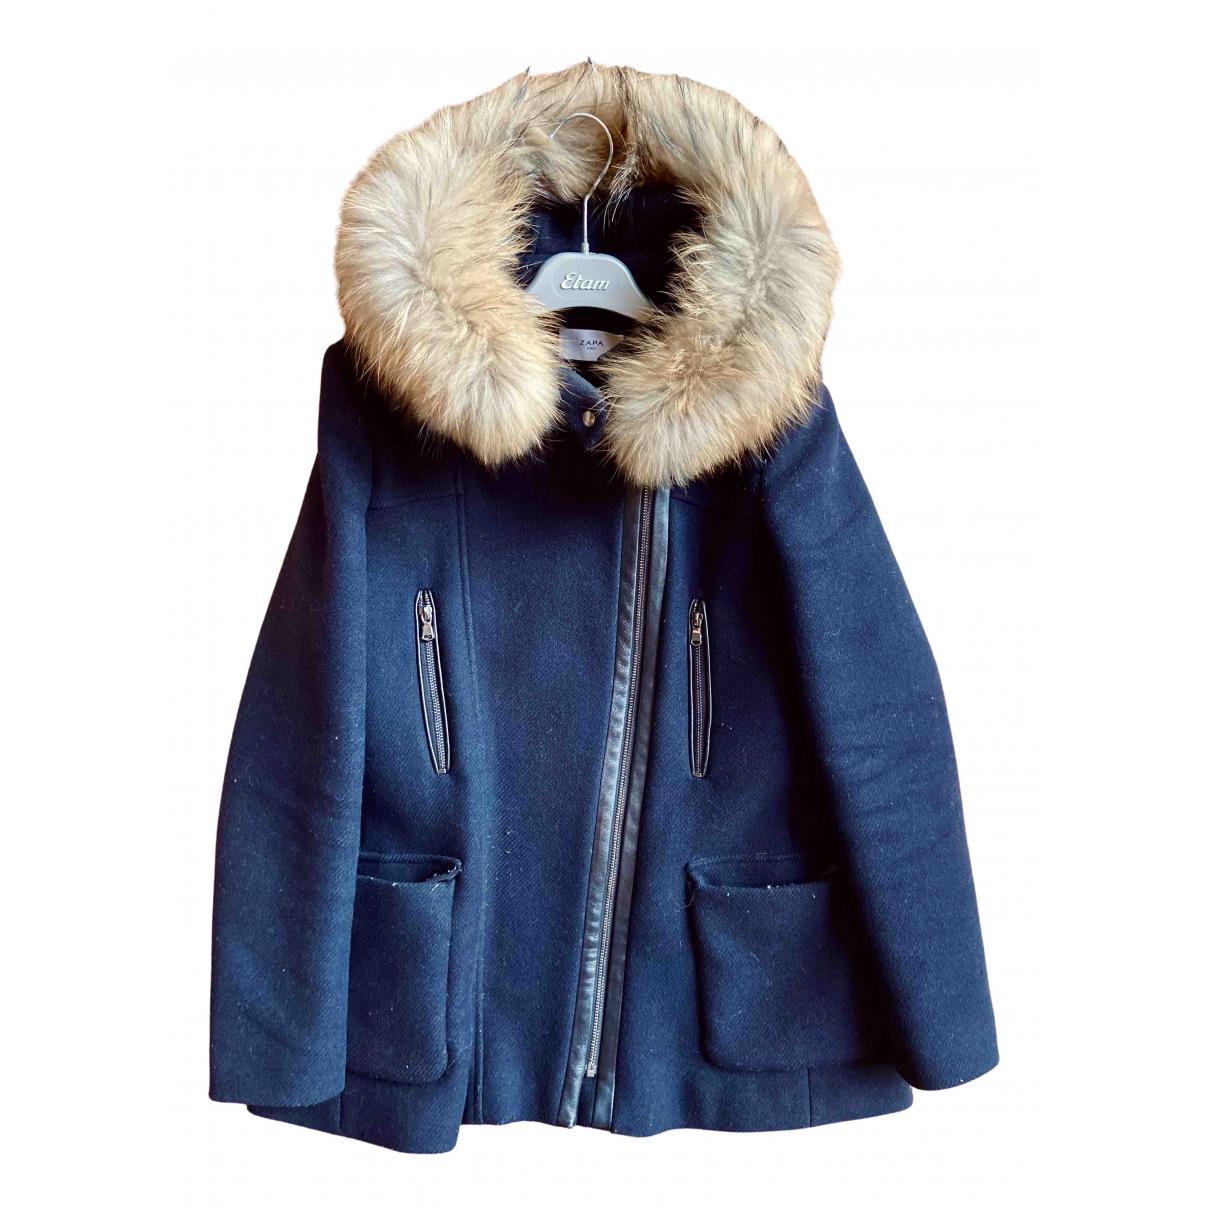 Zapa - Manteau   pour femme en laine - marine